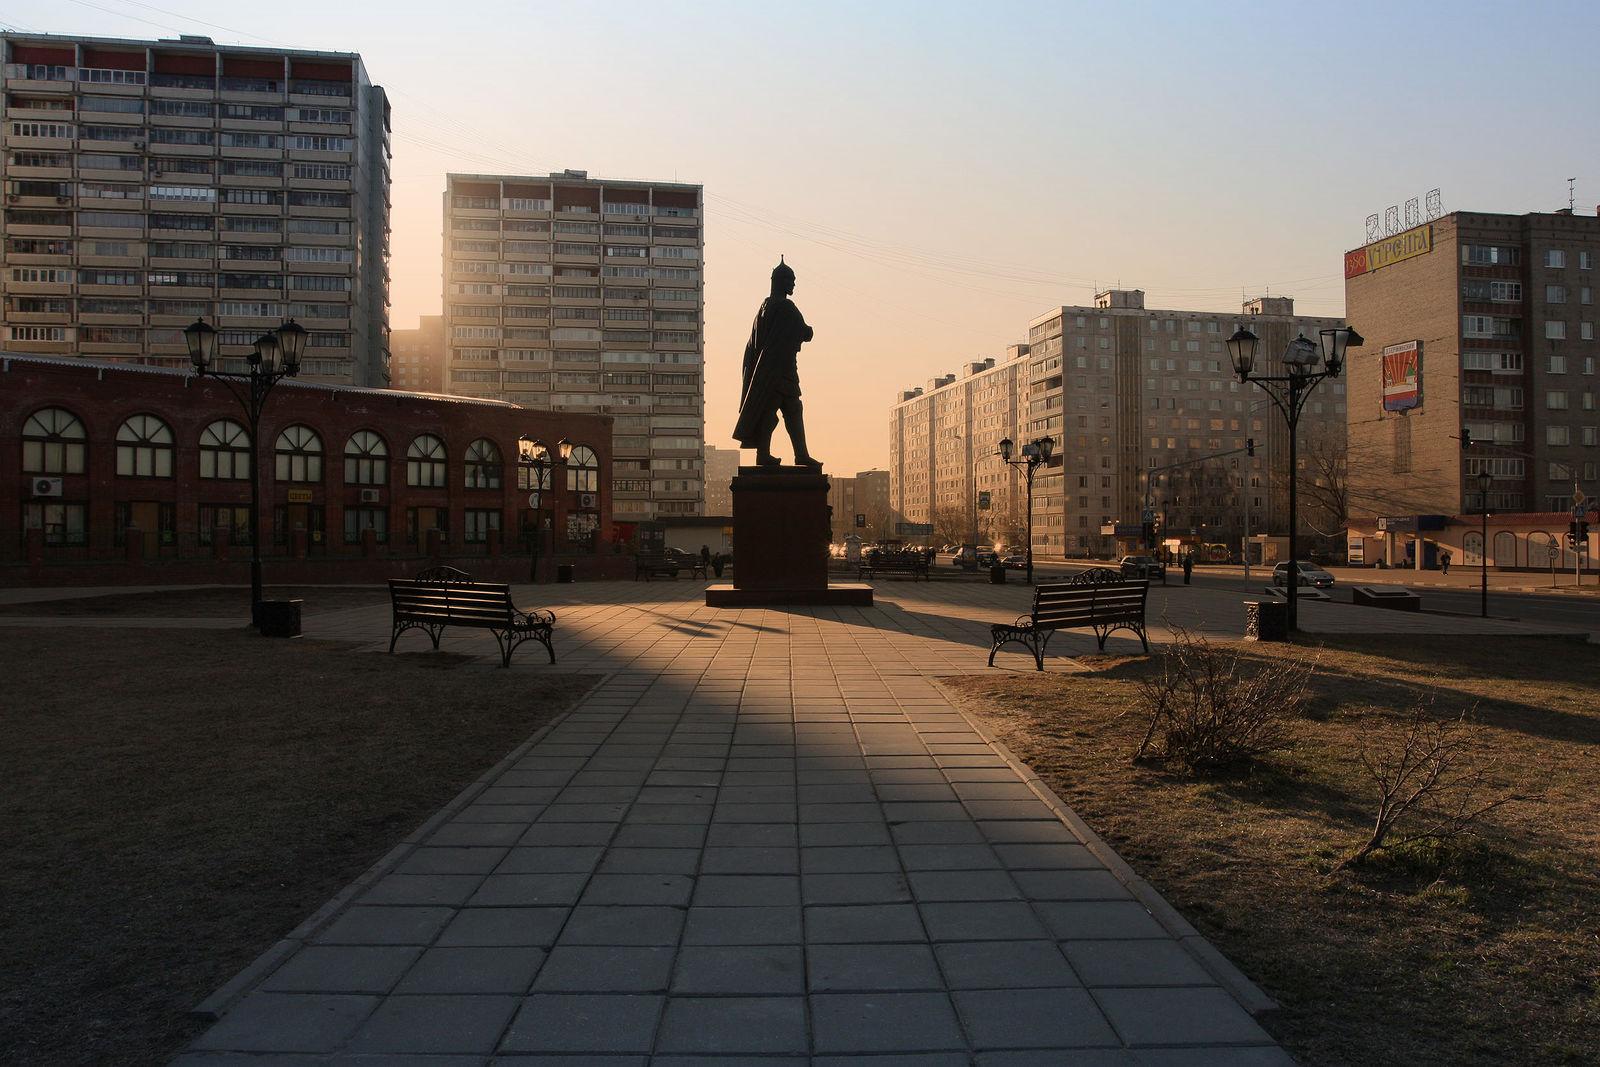 Yurij Antipitchev. Reality. Dzerzhinskij, 2009